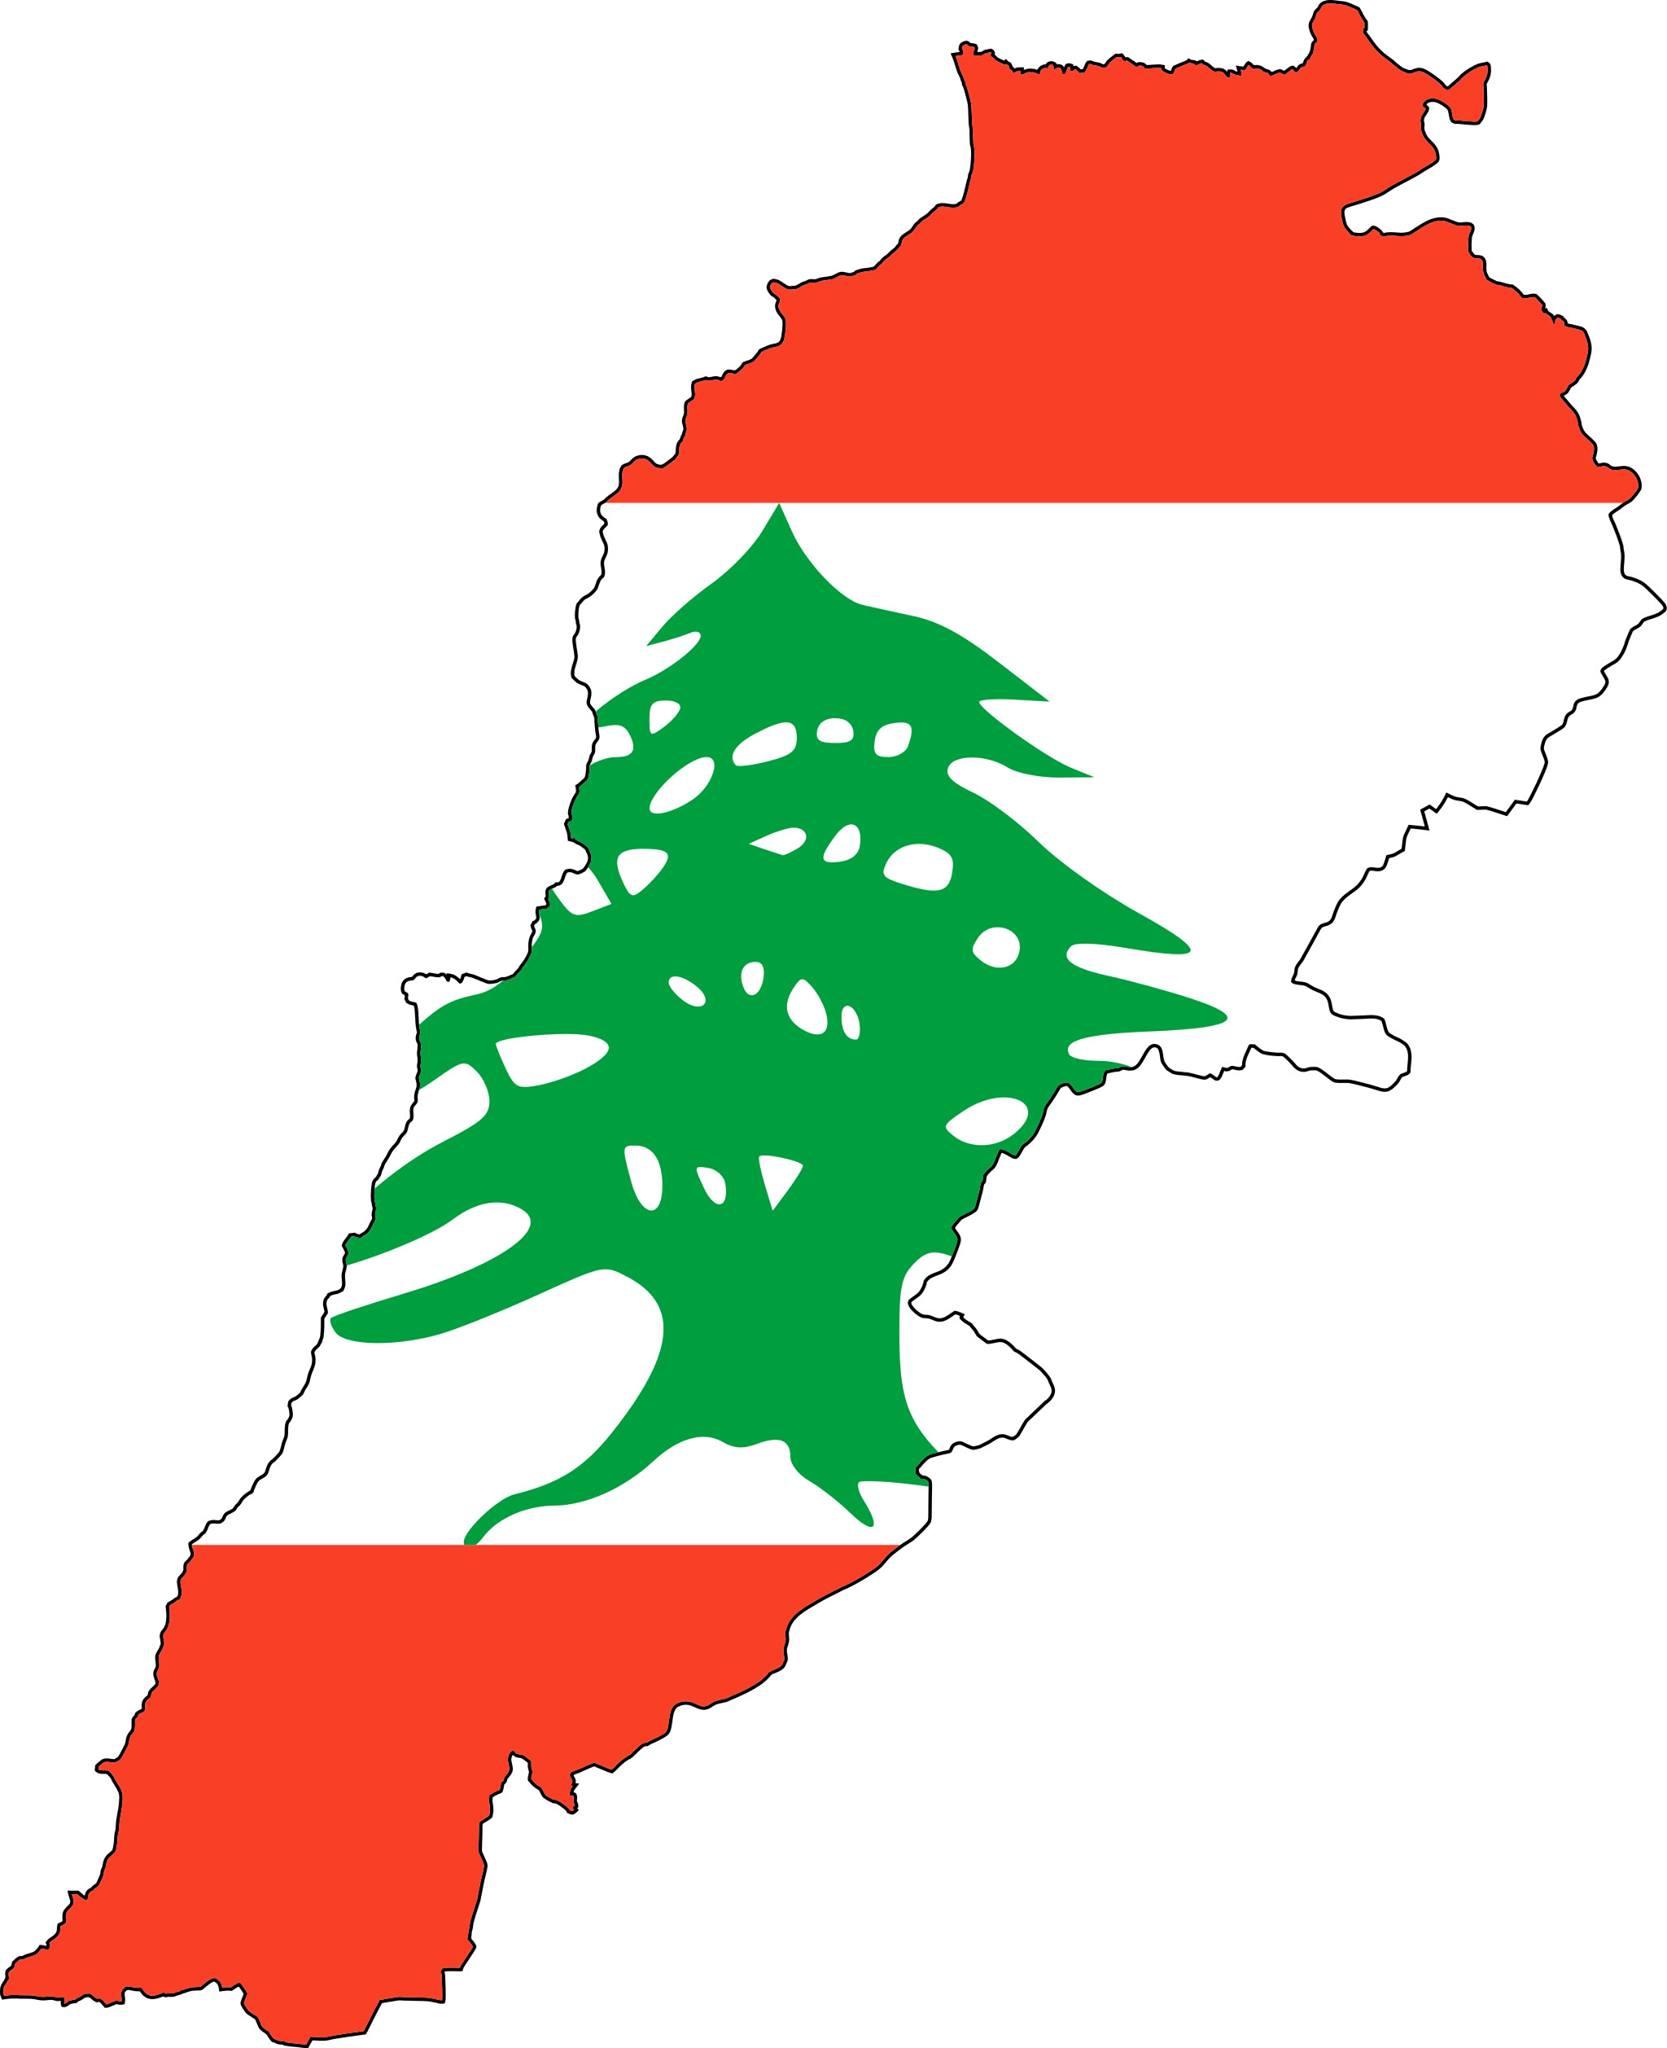 Crise économique, banques en faillite, limitation des retraits: Les Libanais de Dakar en zone trouble, vivent un calvaire